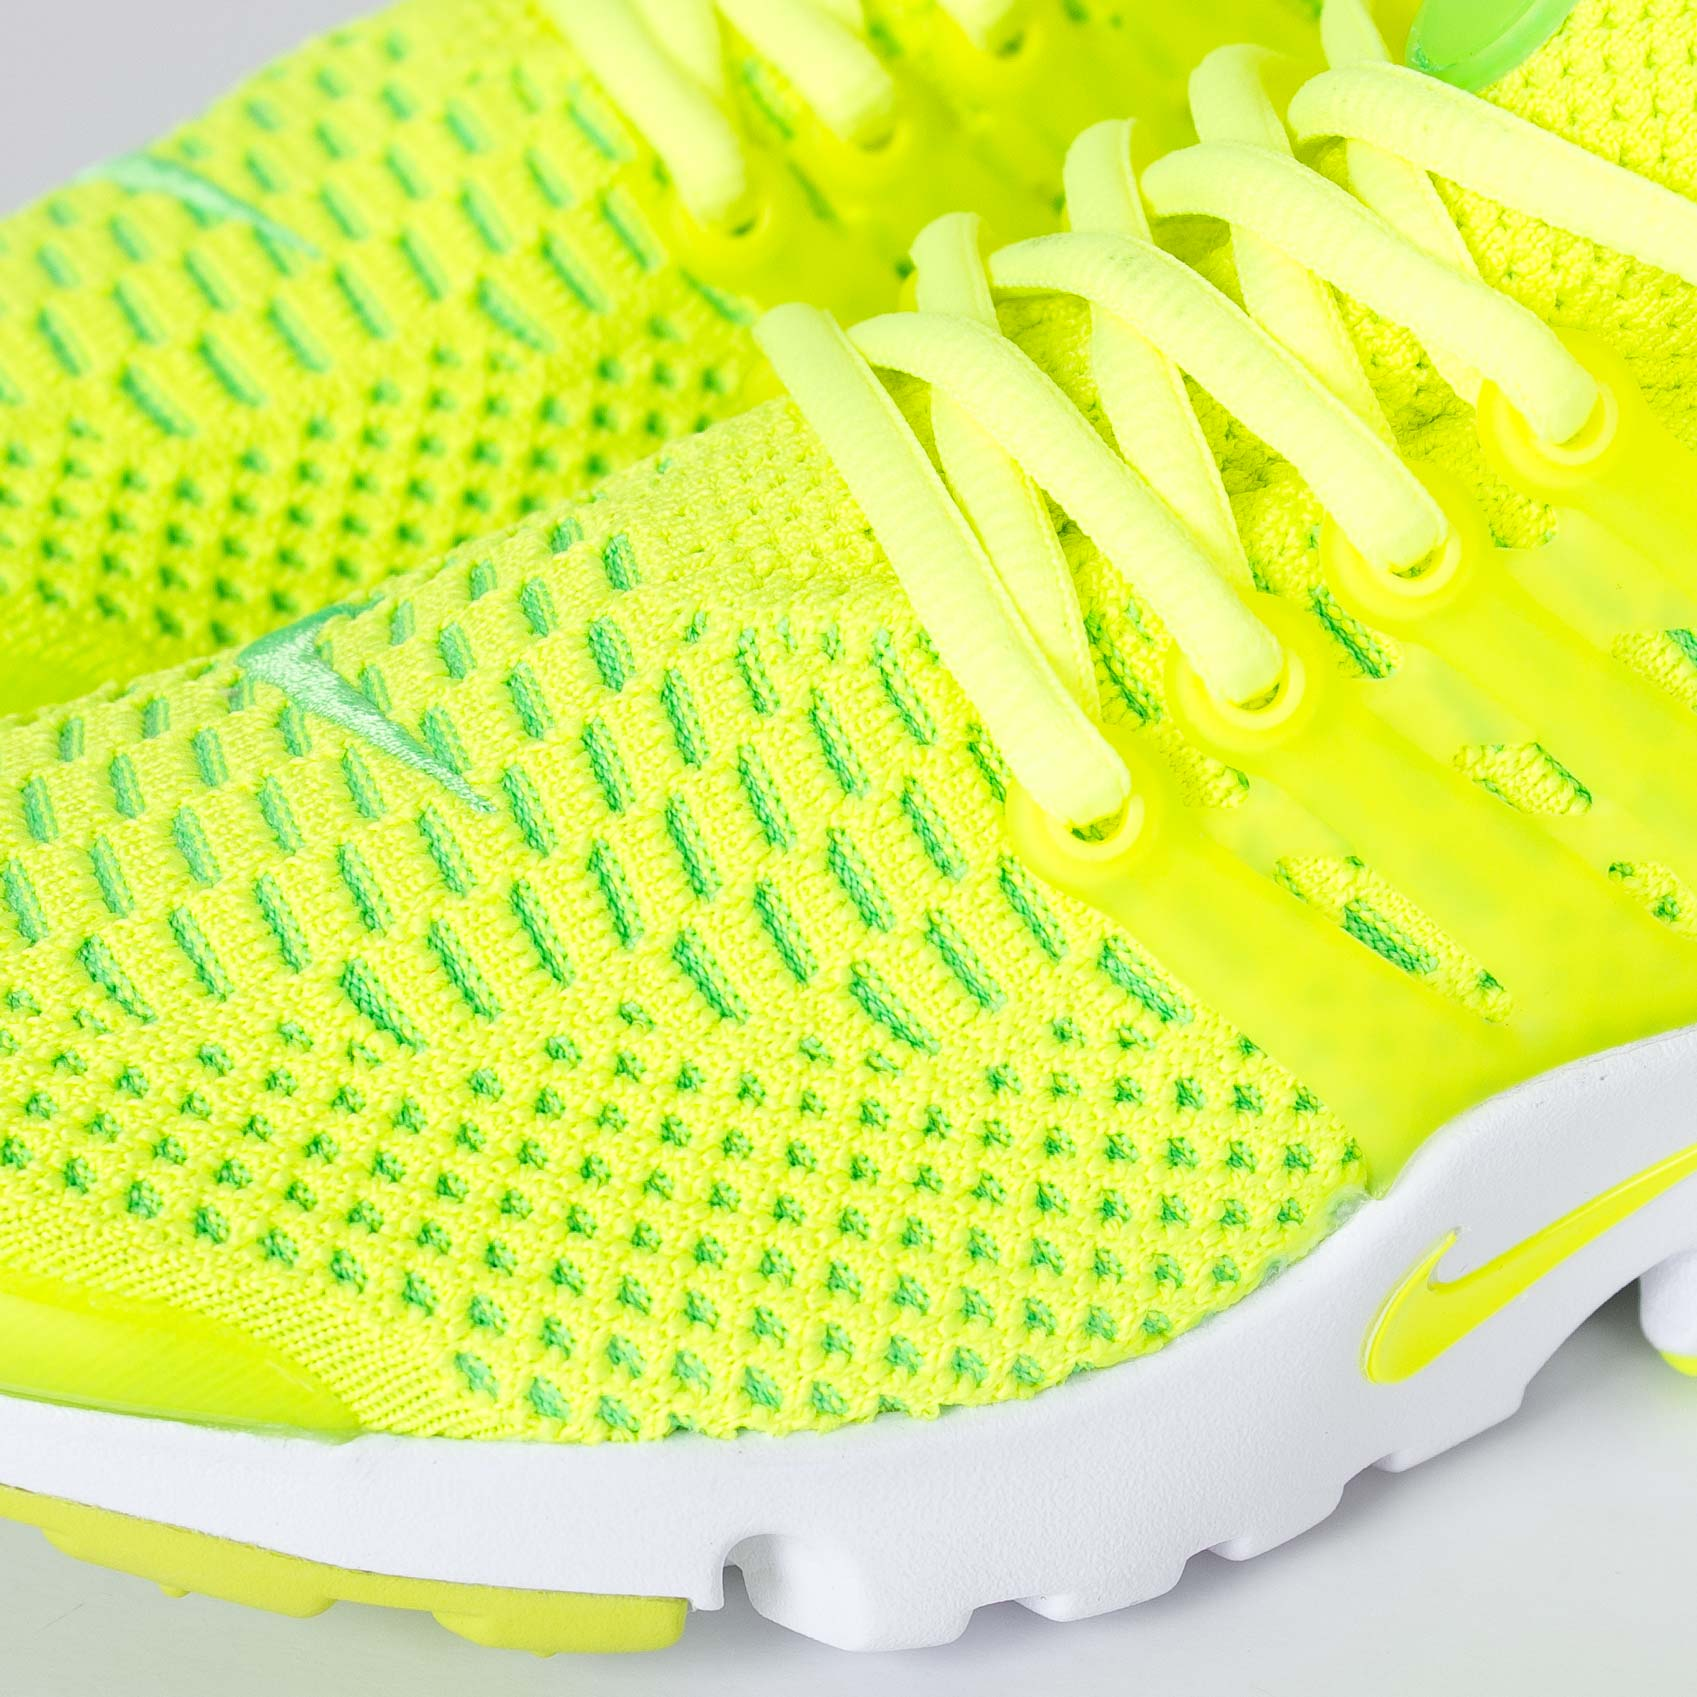 pretty nice 6d62f 470b1 Nike Wmns Air Presto Flyknit Ultra - 835738-300 - Sneakersnstuff   sneakers    streetwear online since 1999